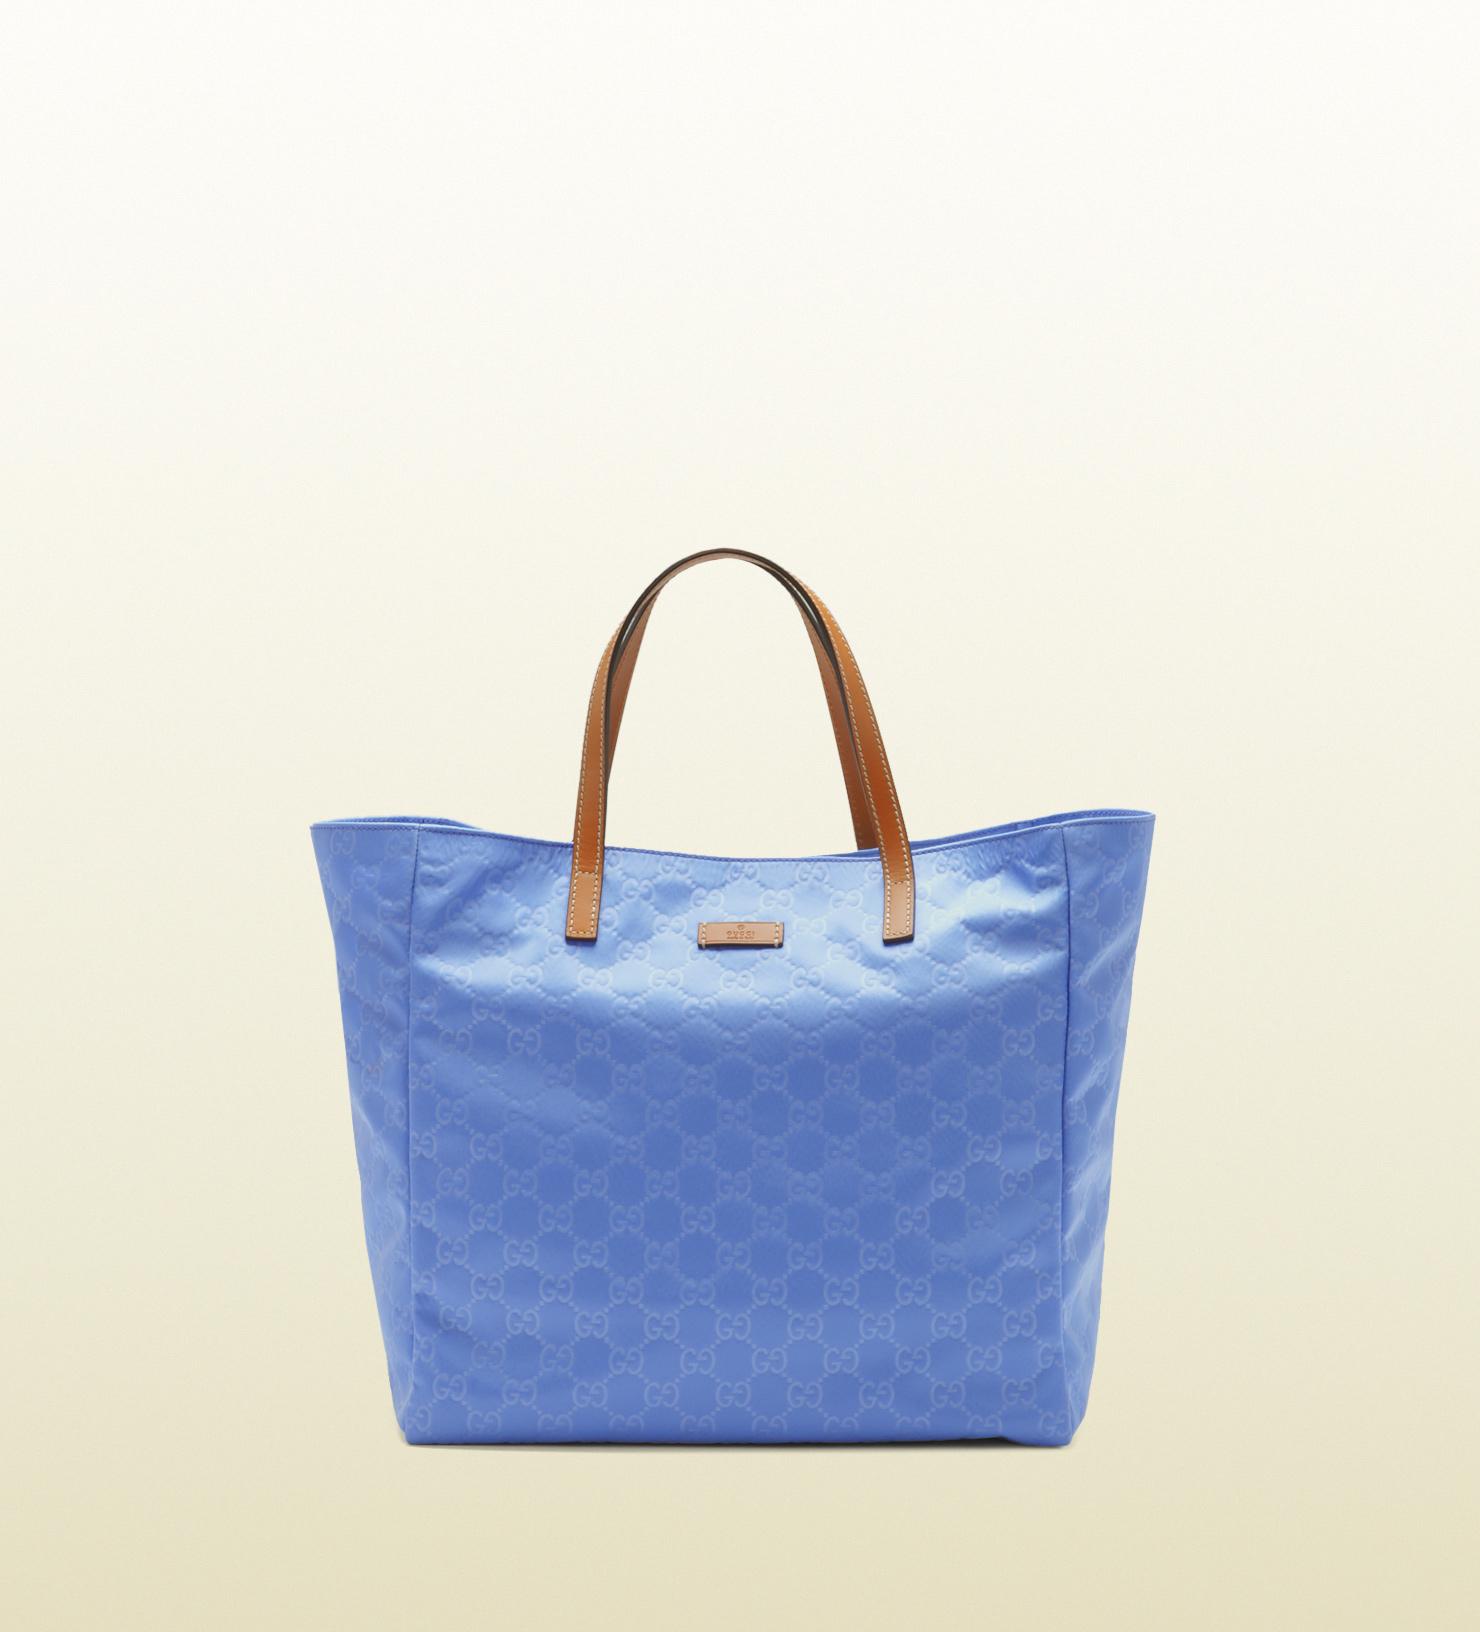 528ec603e4d Lyst - Gucci Small Periwinkle Nylon Guccissima Tote in Blue